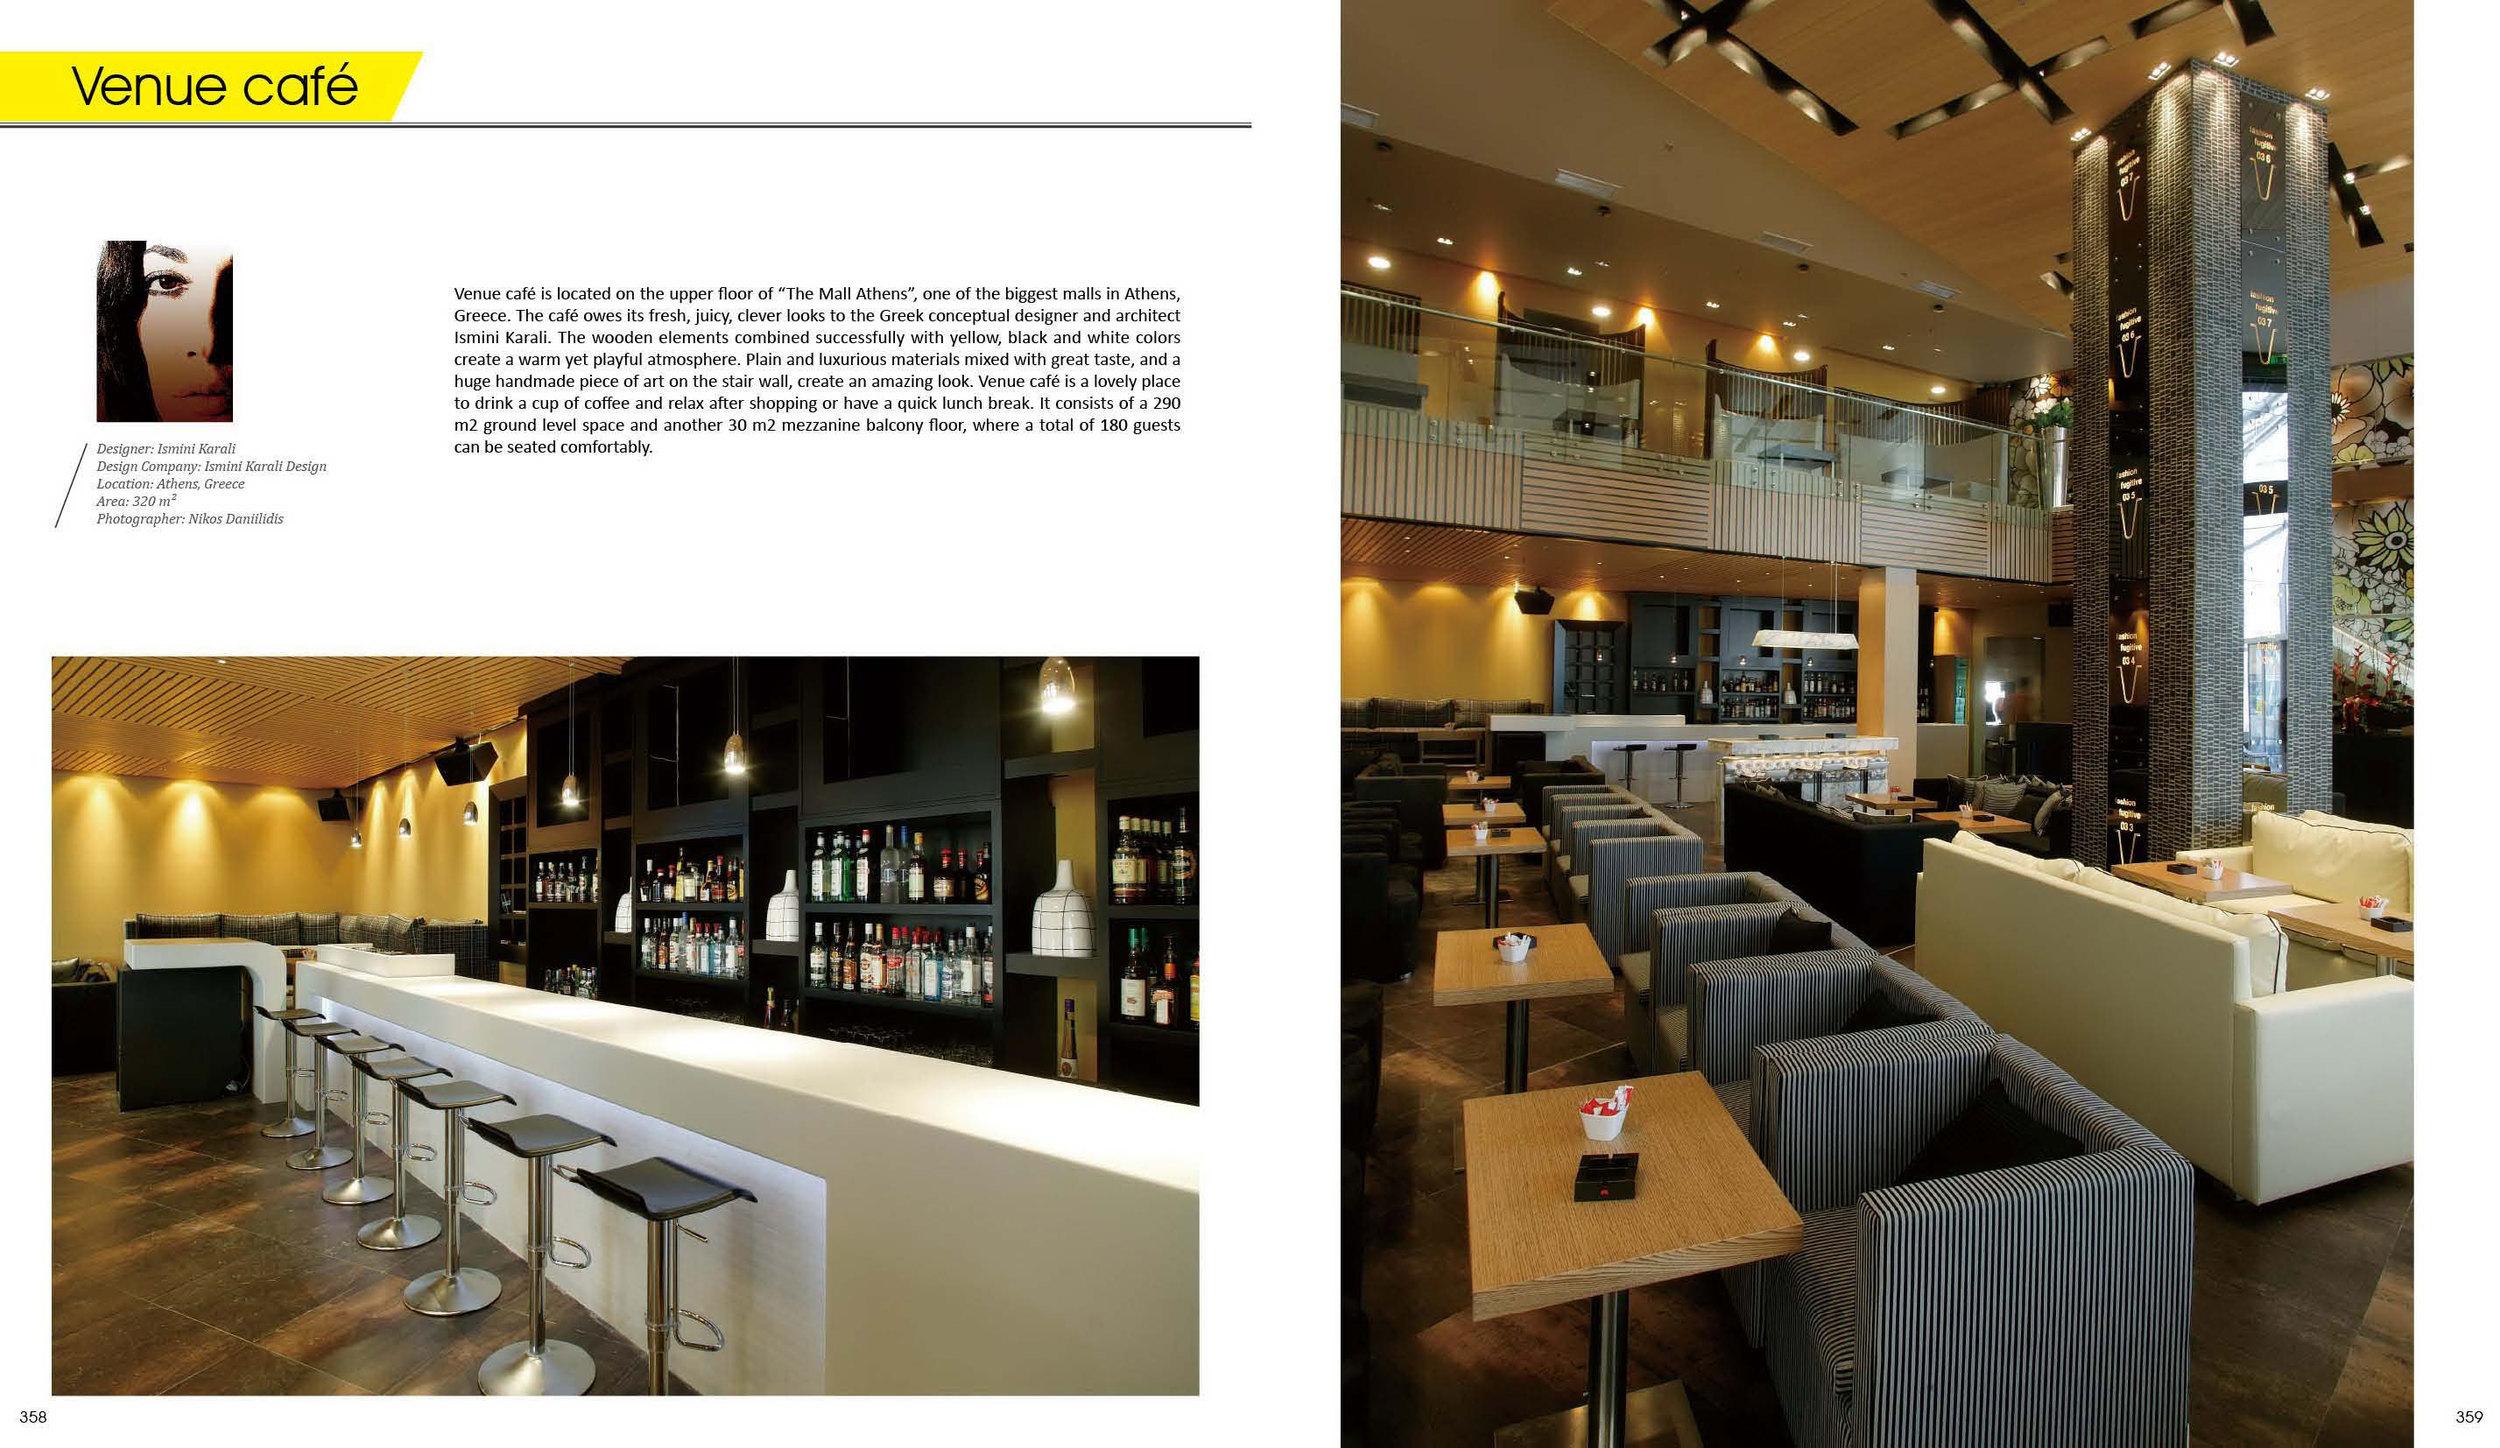 venue-publication-web.jpg